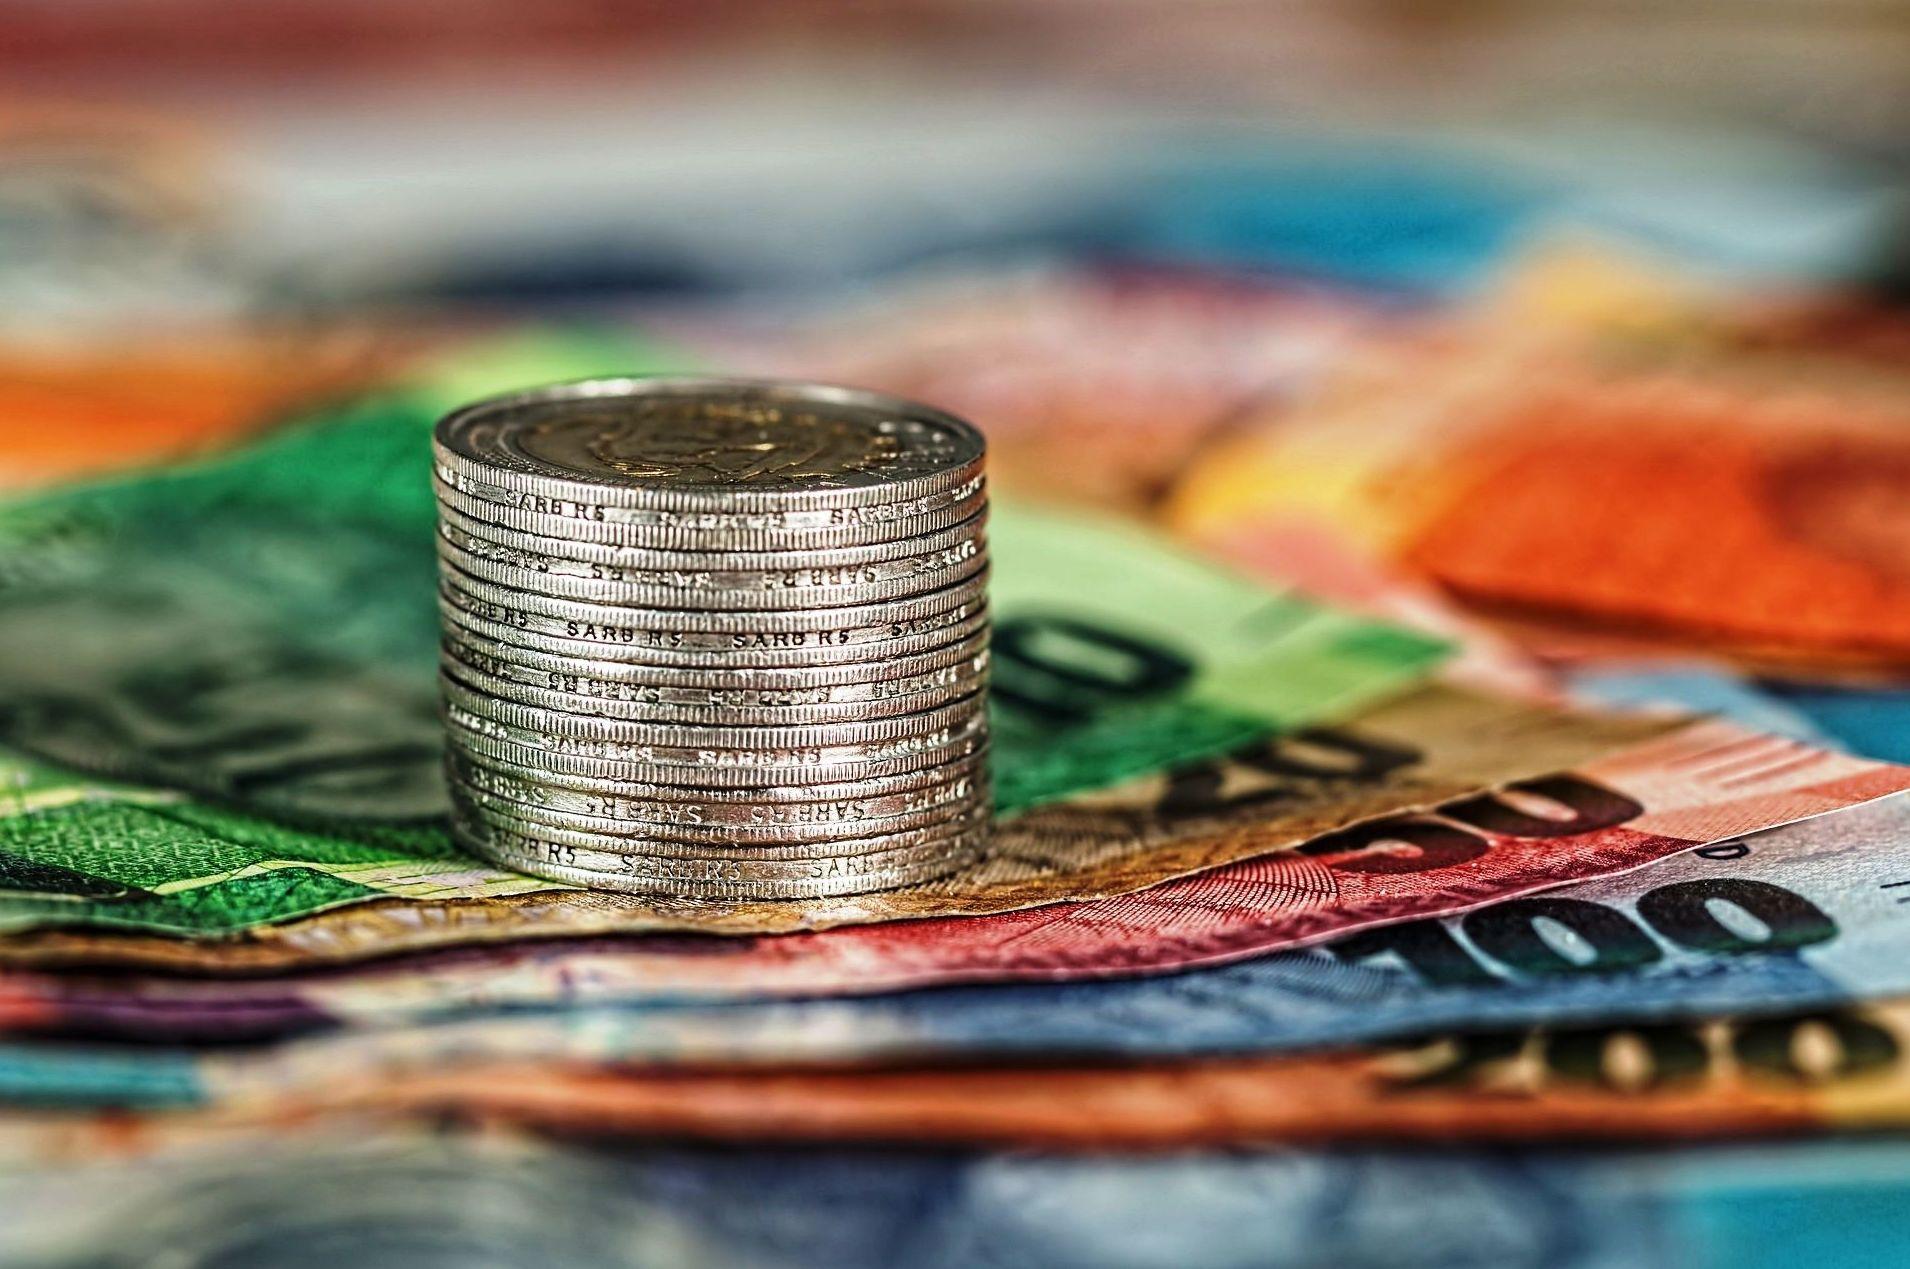 Préstamo personal - Dinero urgente - Crédito - Financiación - Valencia